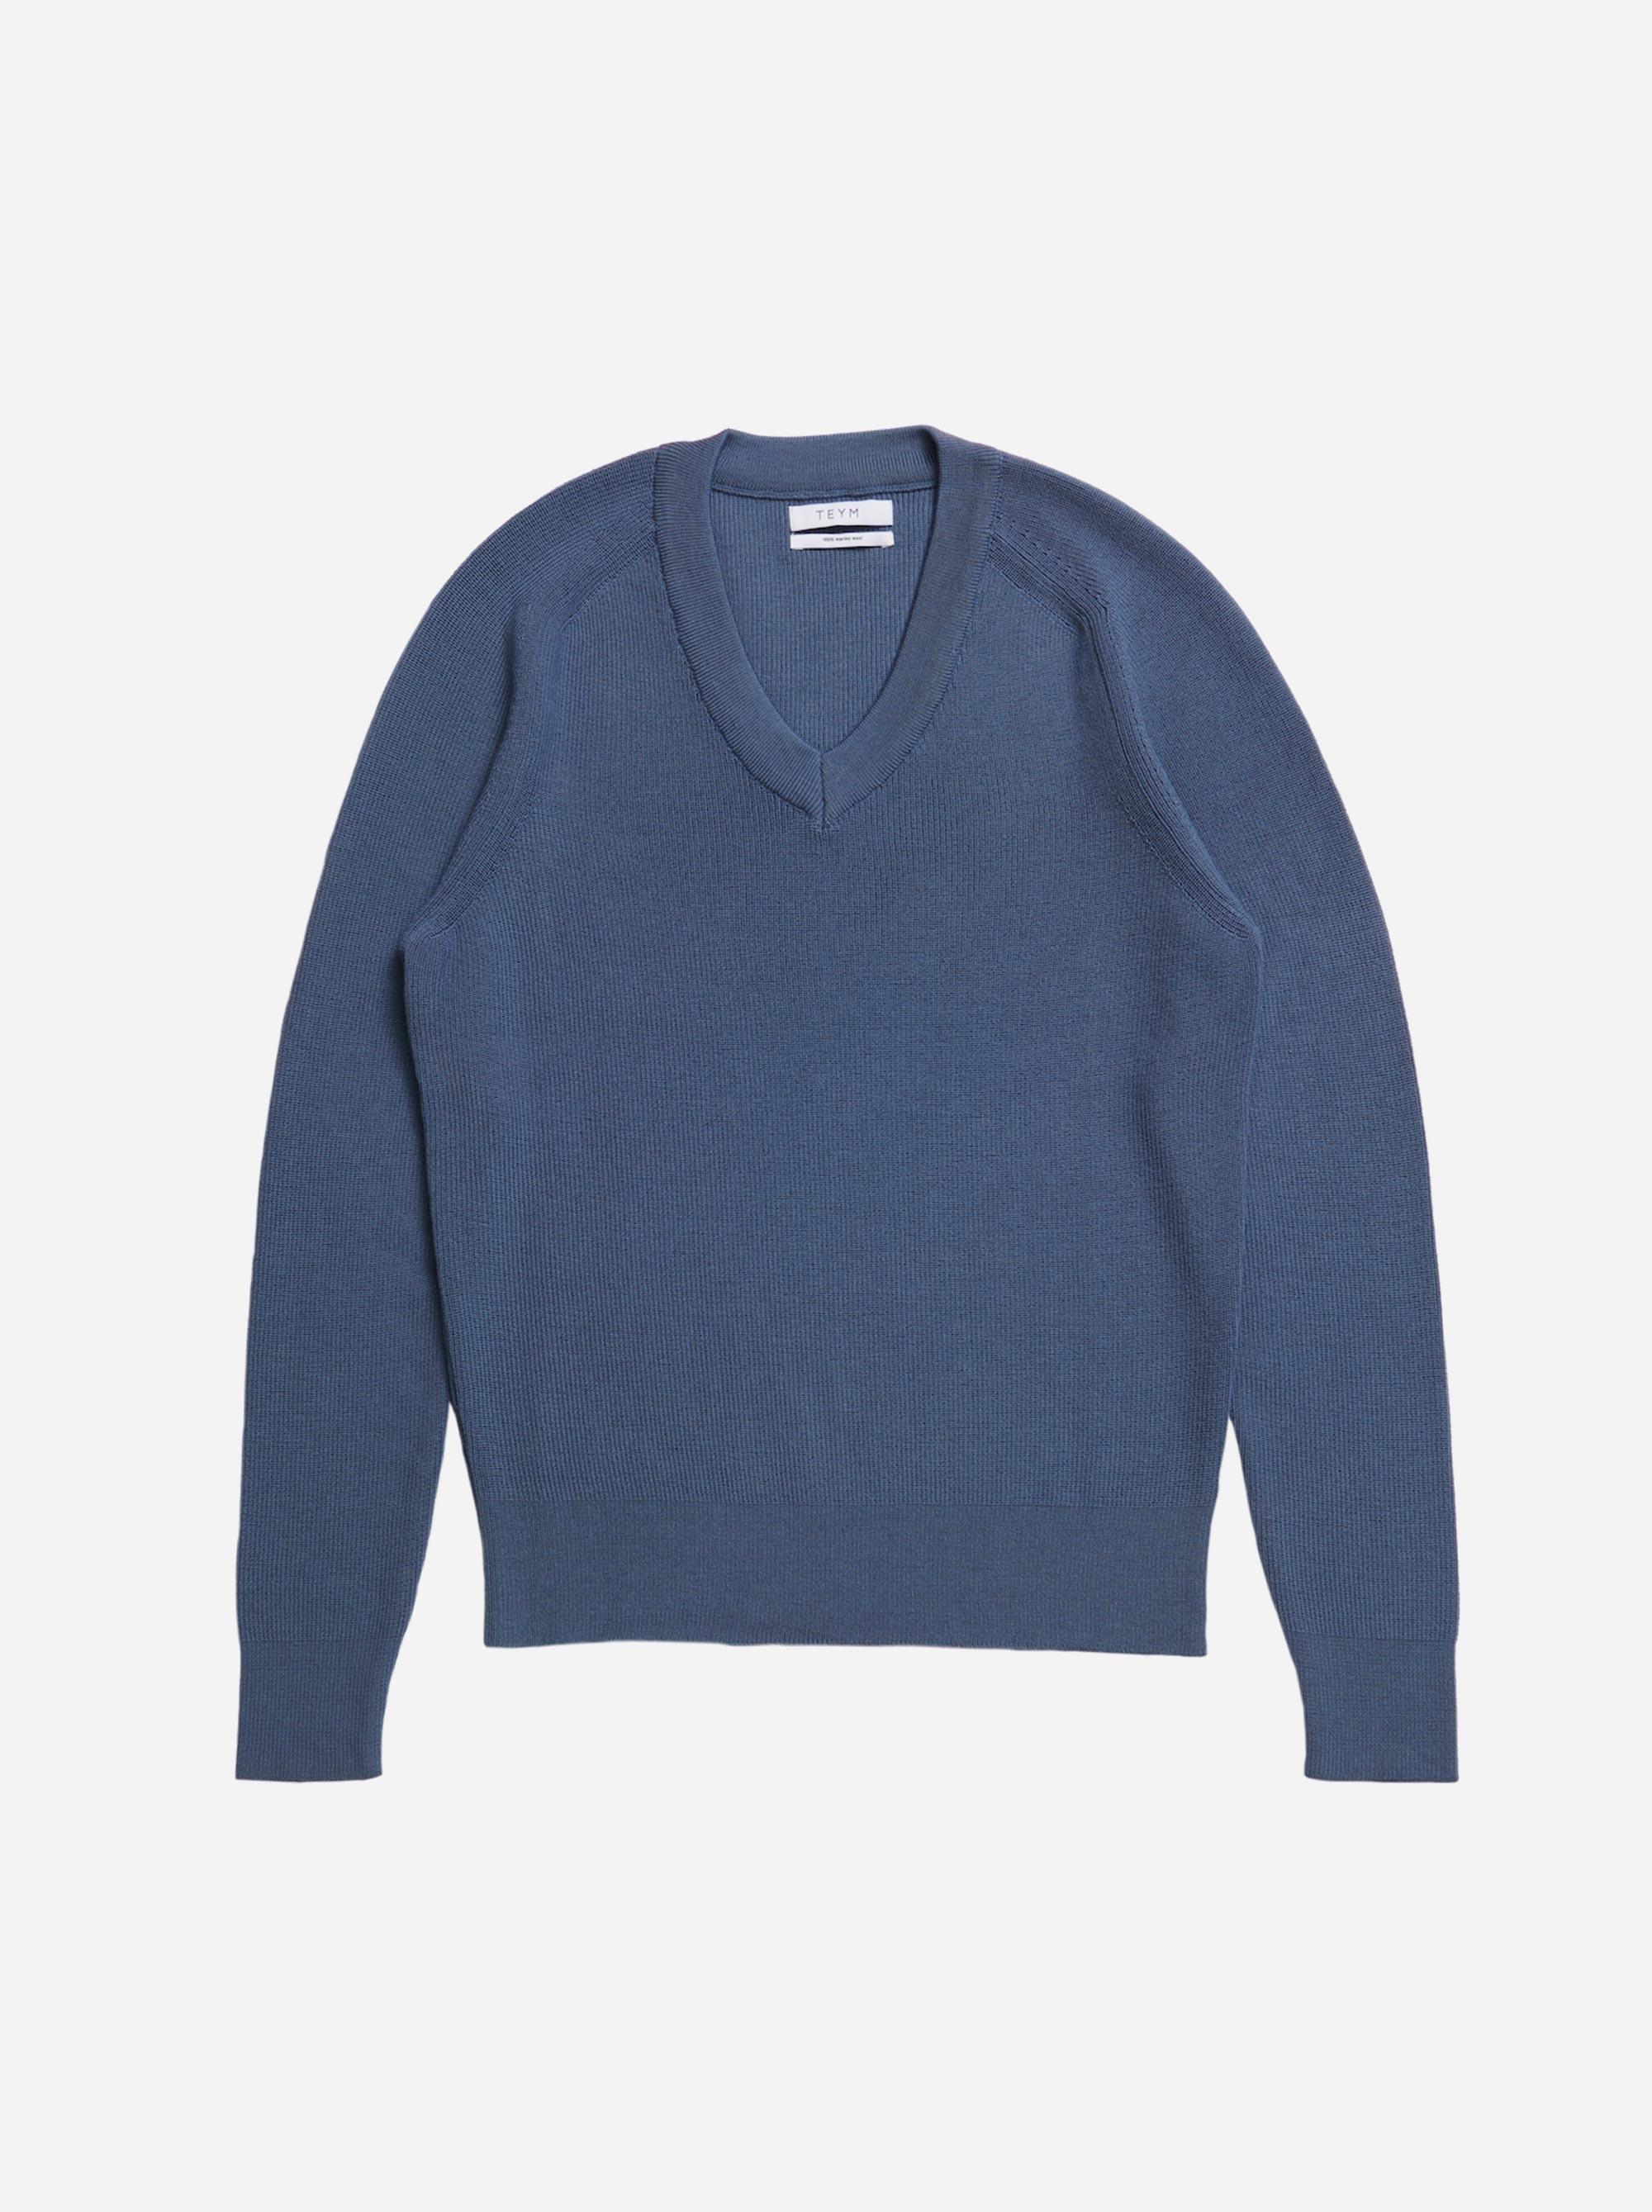 Teym - V-Neck - The Merino Sweater - Women - Sky blue - 4